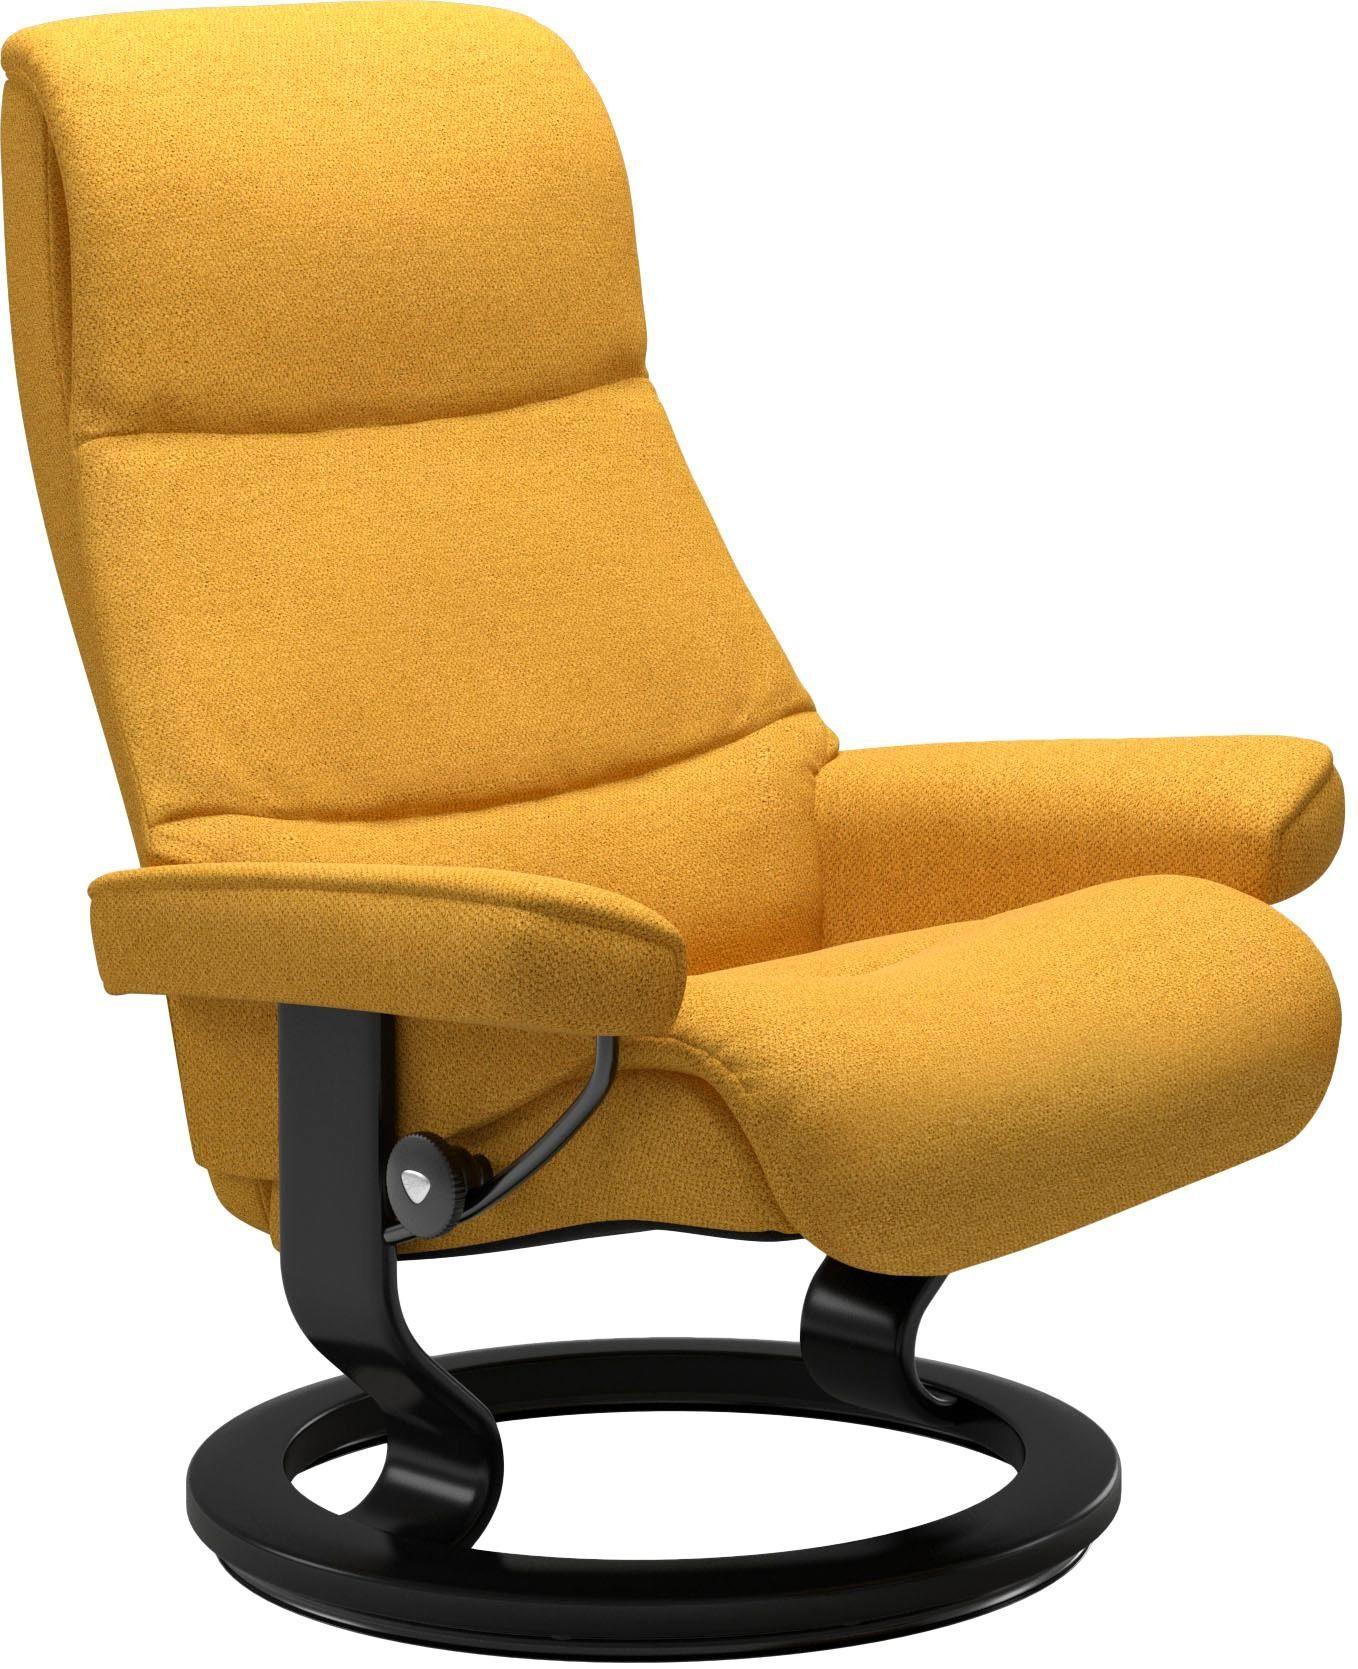 Stressless® Relaxsessel »View«, mit Classic Base, Größe M,Gestell Schwarz online kaufen | OTTO